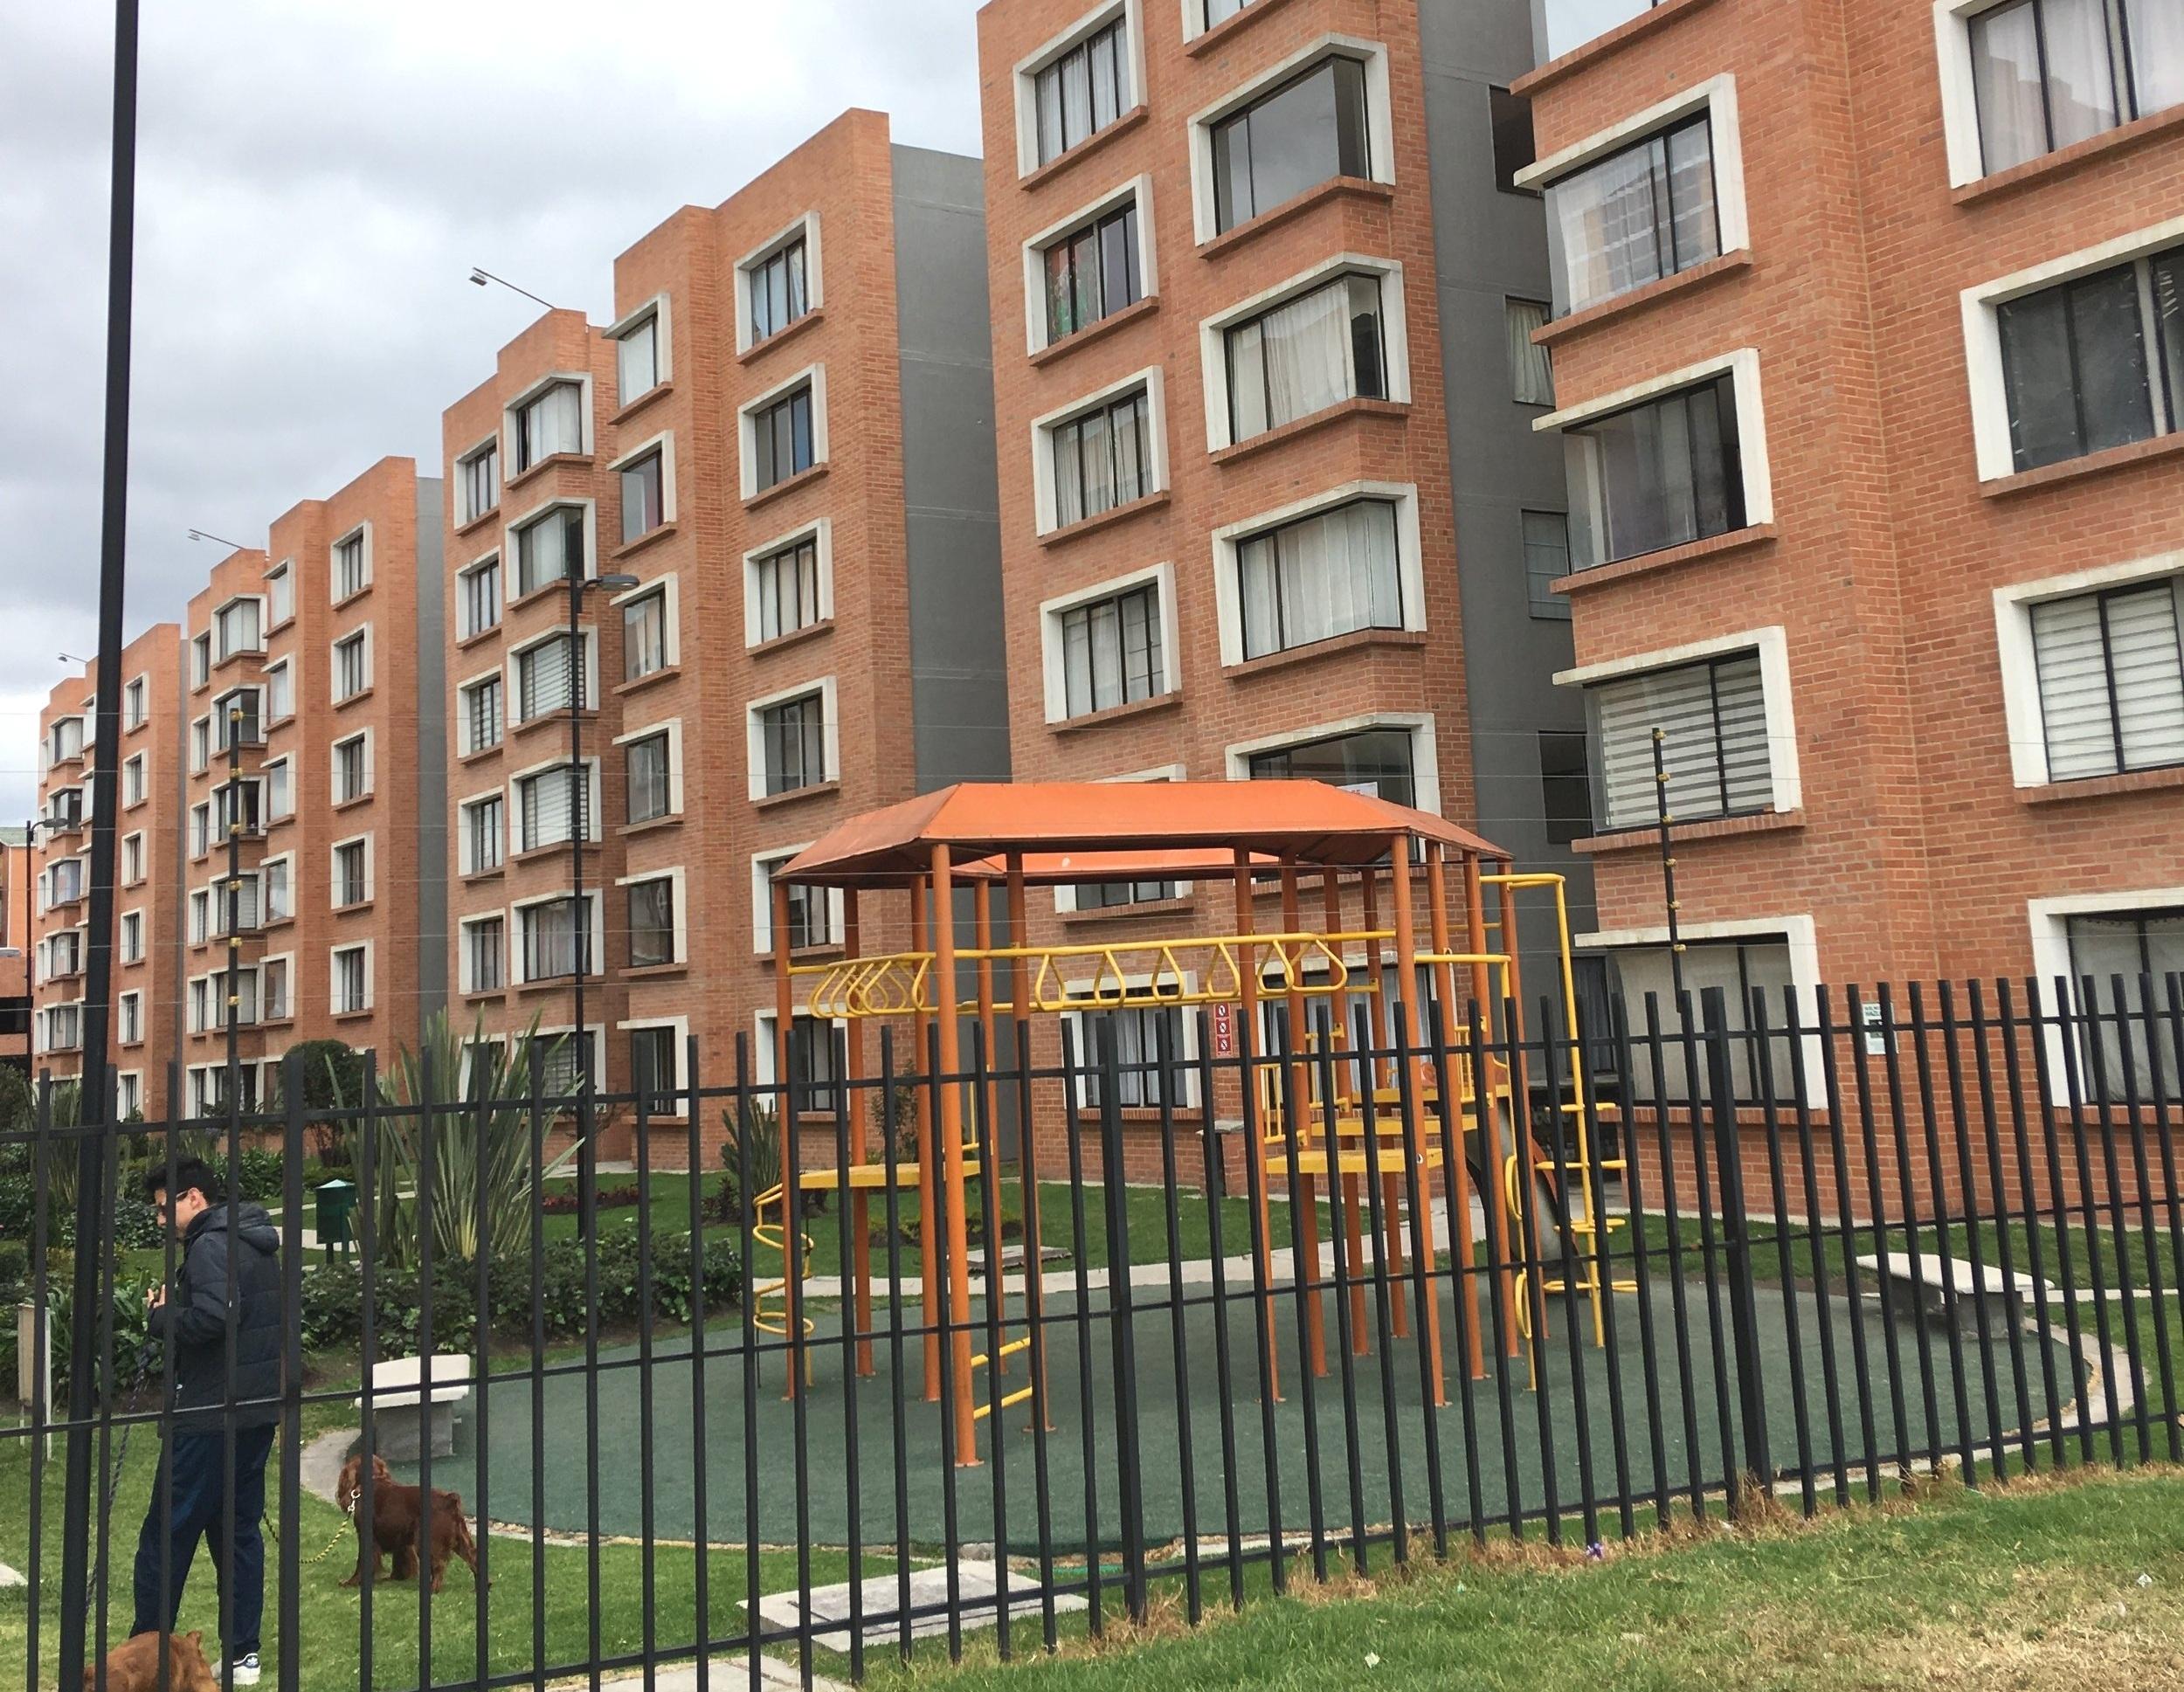 La vivienda social no tiene que ser mísera. Ejemplo de vivienda social construida por la iniciativa privada en Ciudad Verde, Bogotá Colombia.